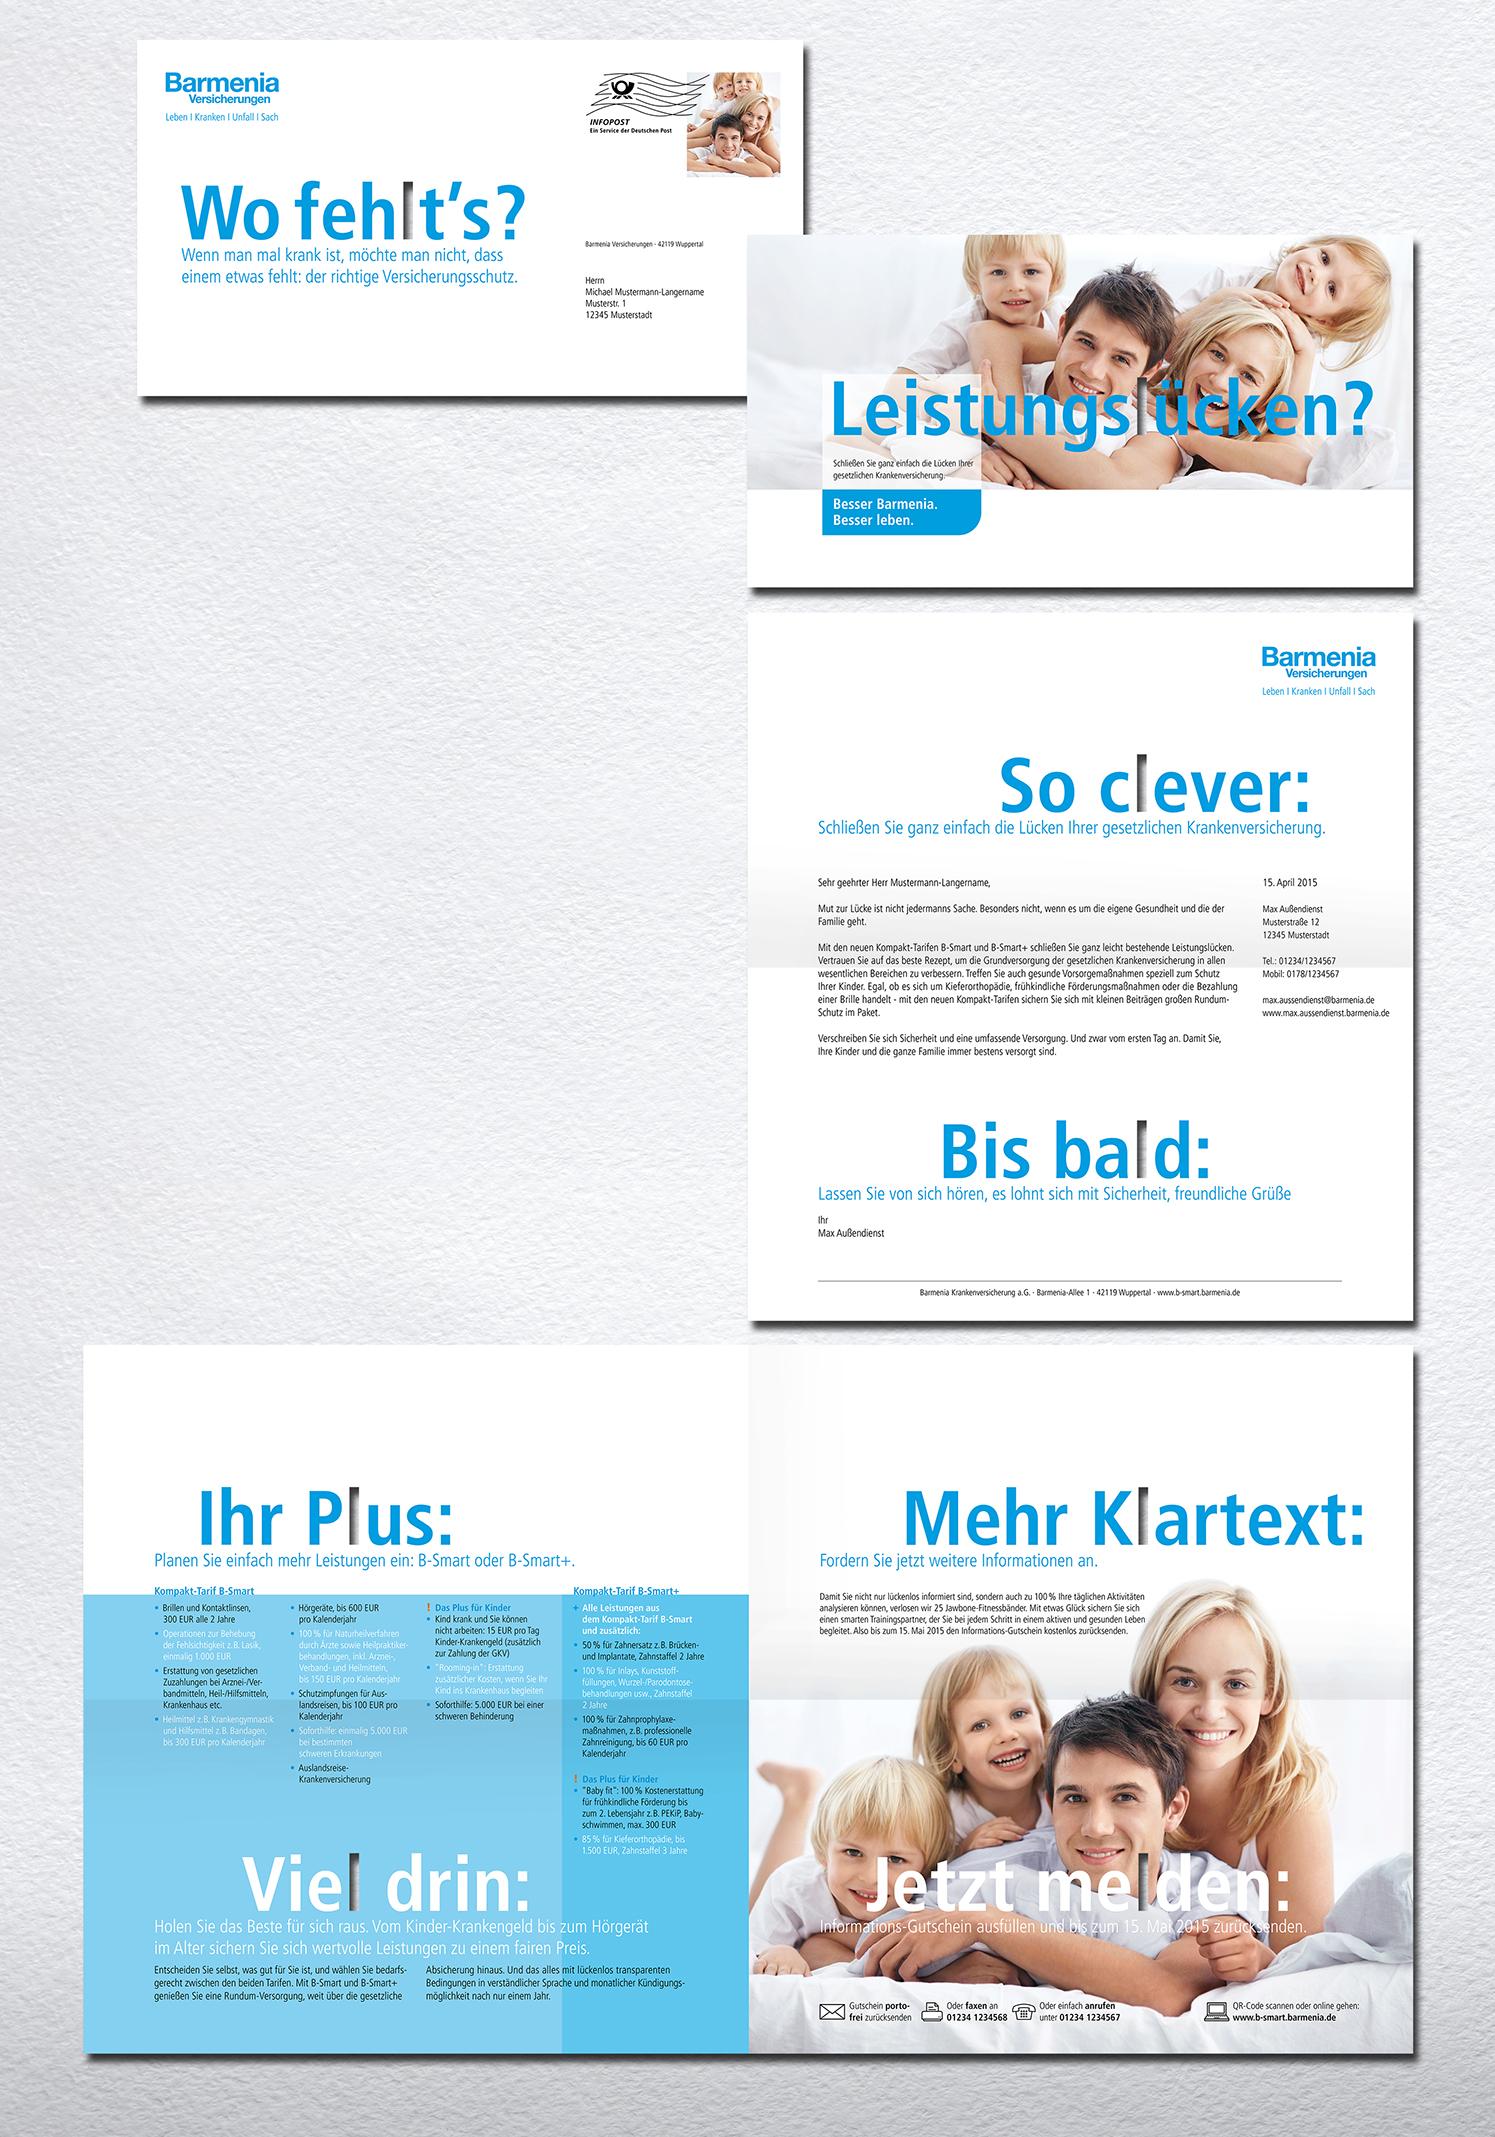 Werbung Barmenia Versicherungen Die Werbtätigen Mailing